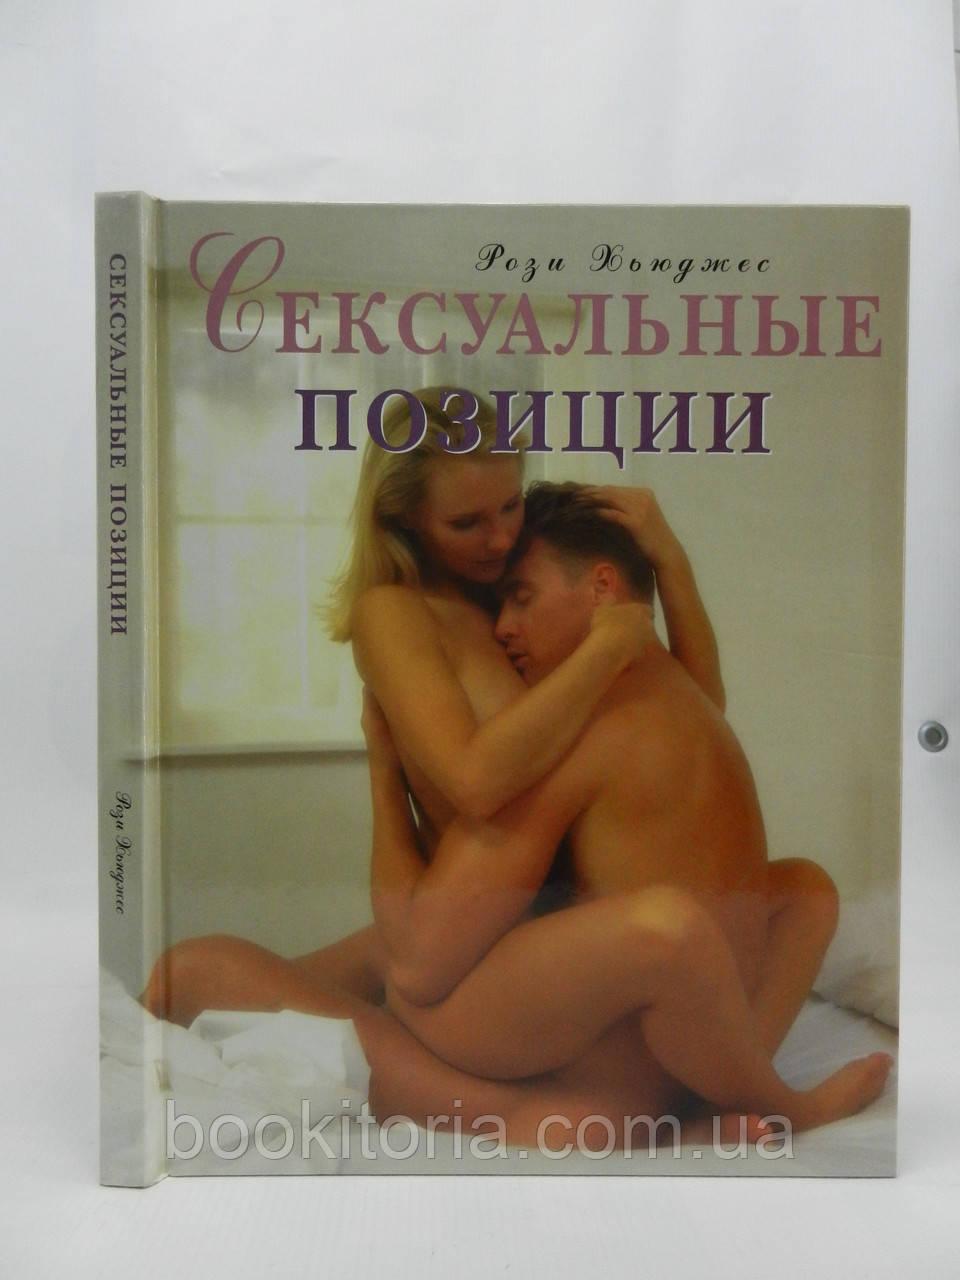 Хьюджес Р. Сексуальные позиции. Игры для влюбленных (б/у).